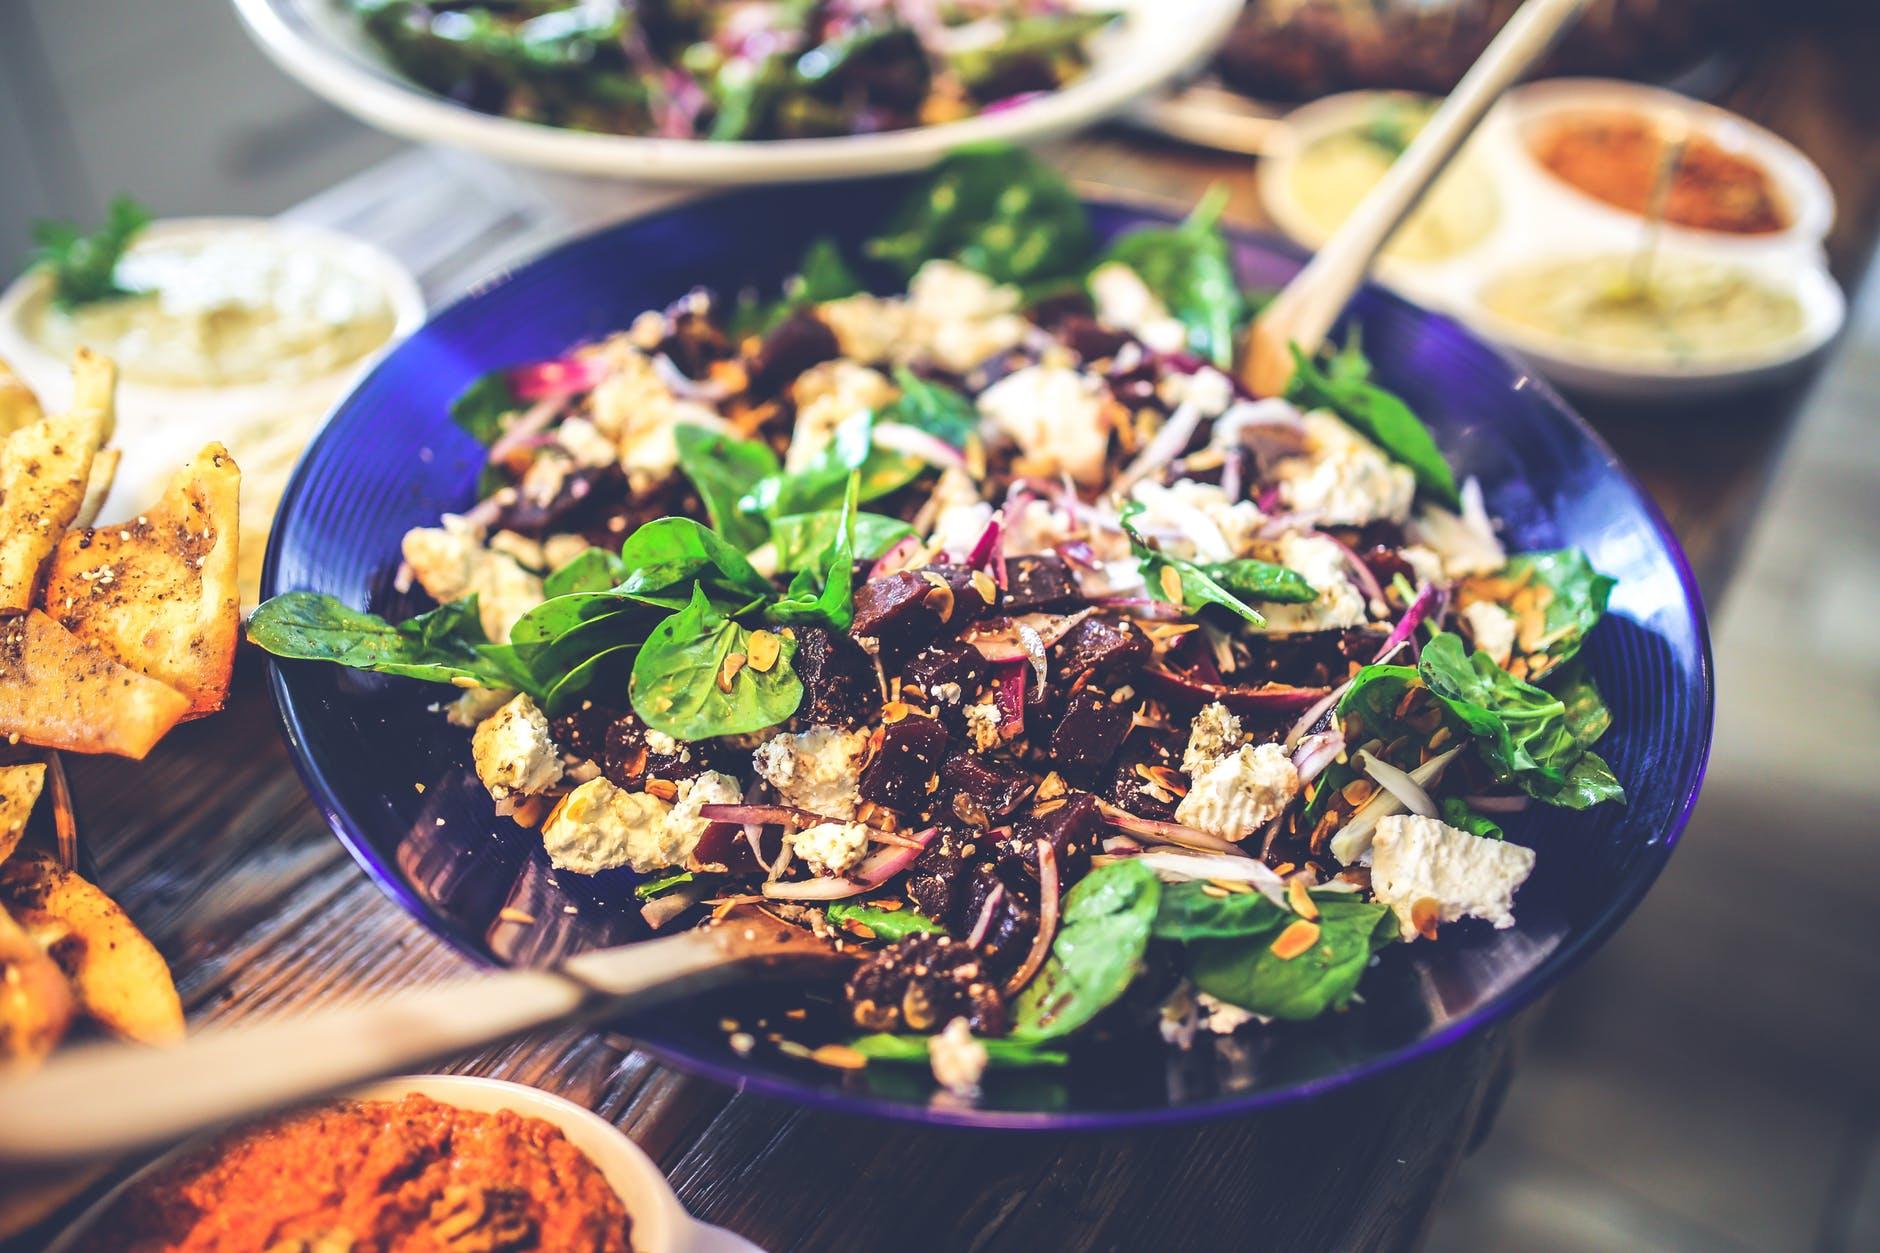 Adevarul despre salata. Nutritionist: Felul de mancare cu care ne putem pacali cel mai tare